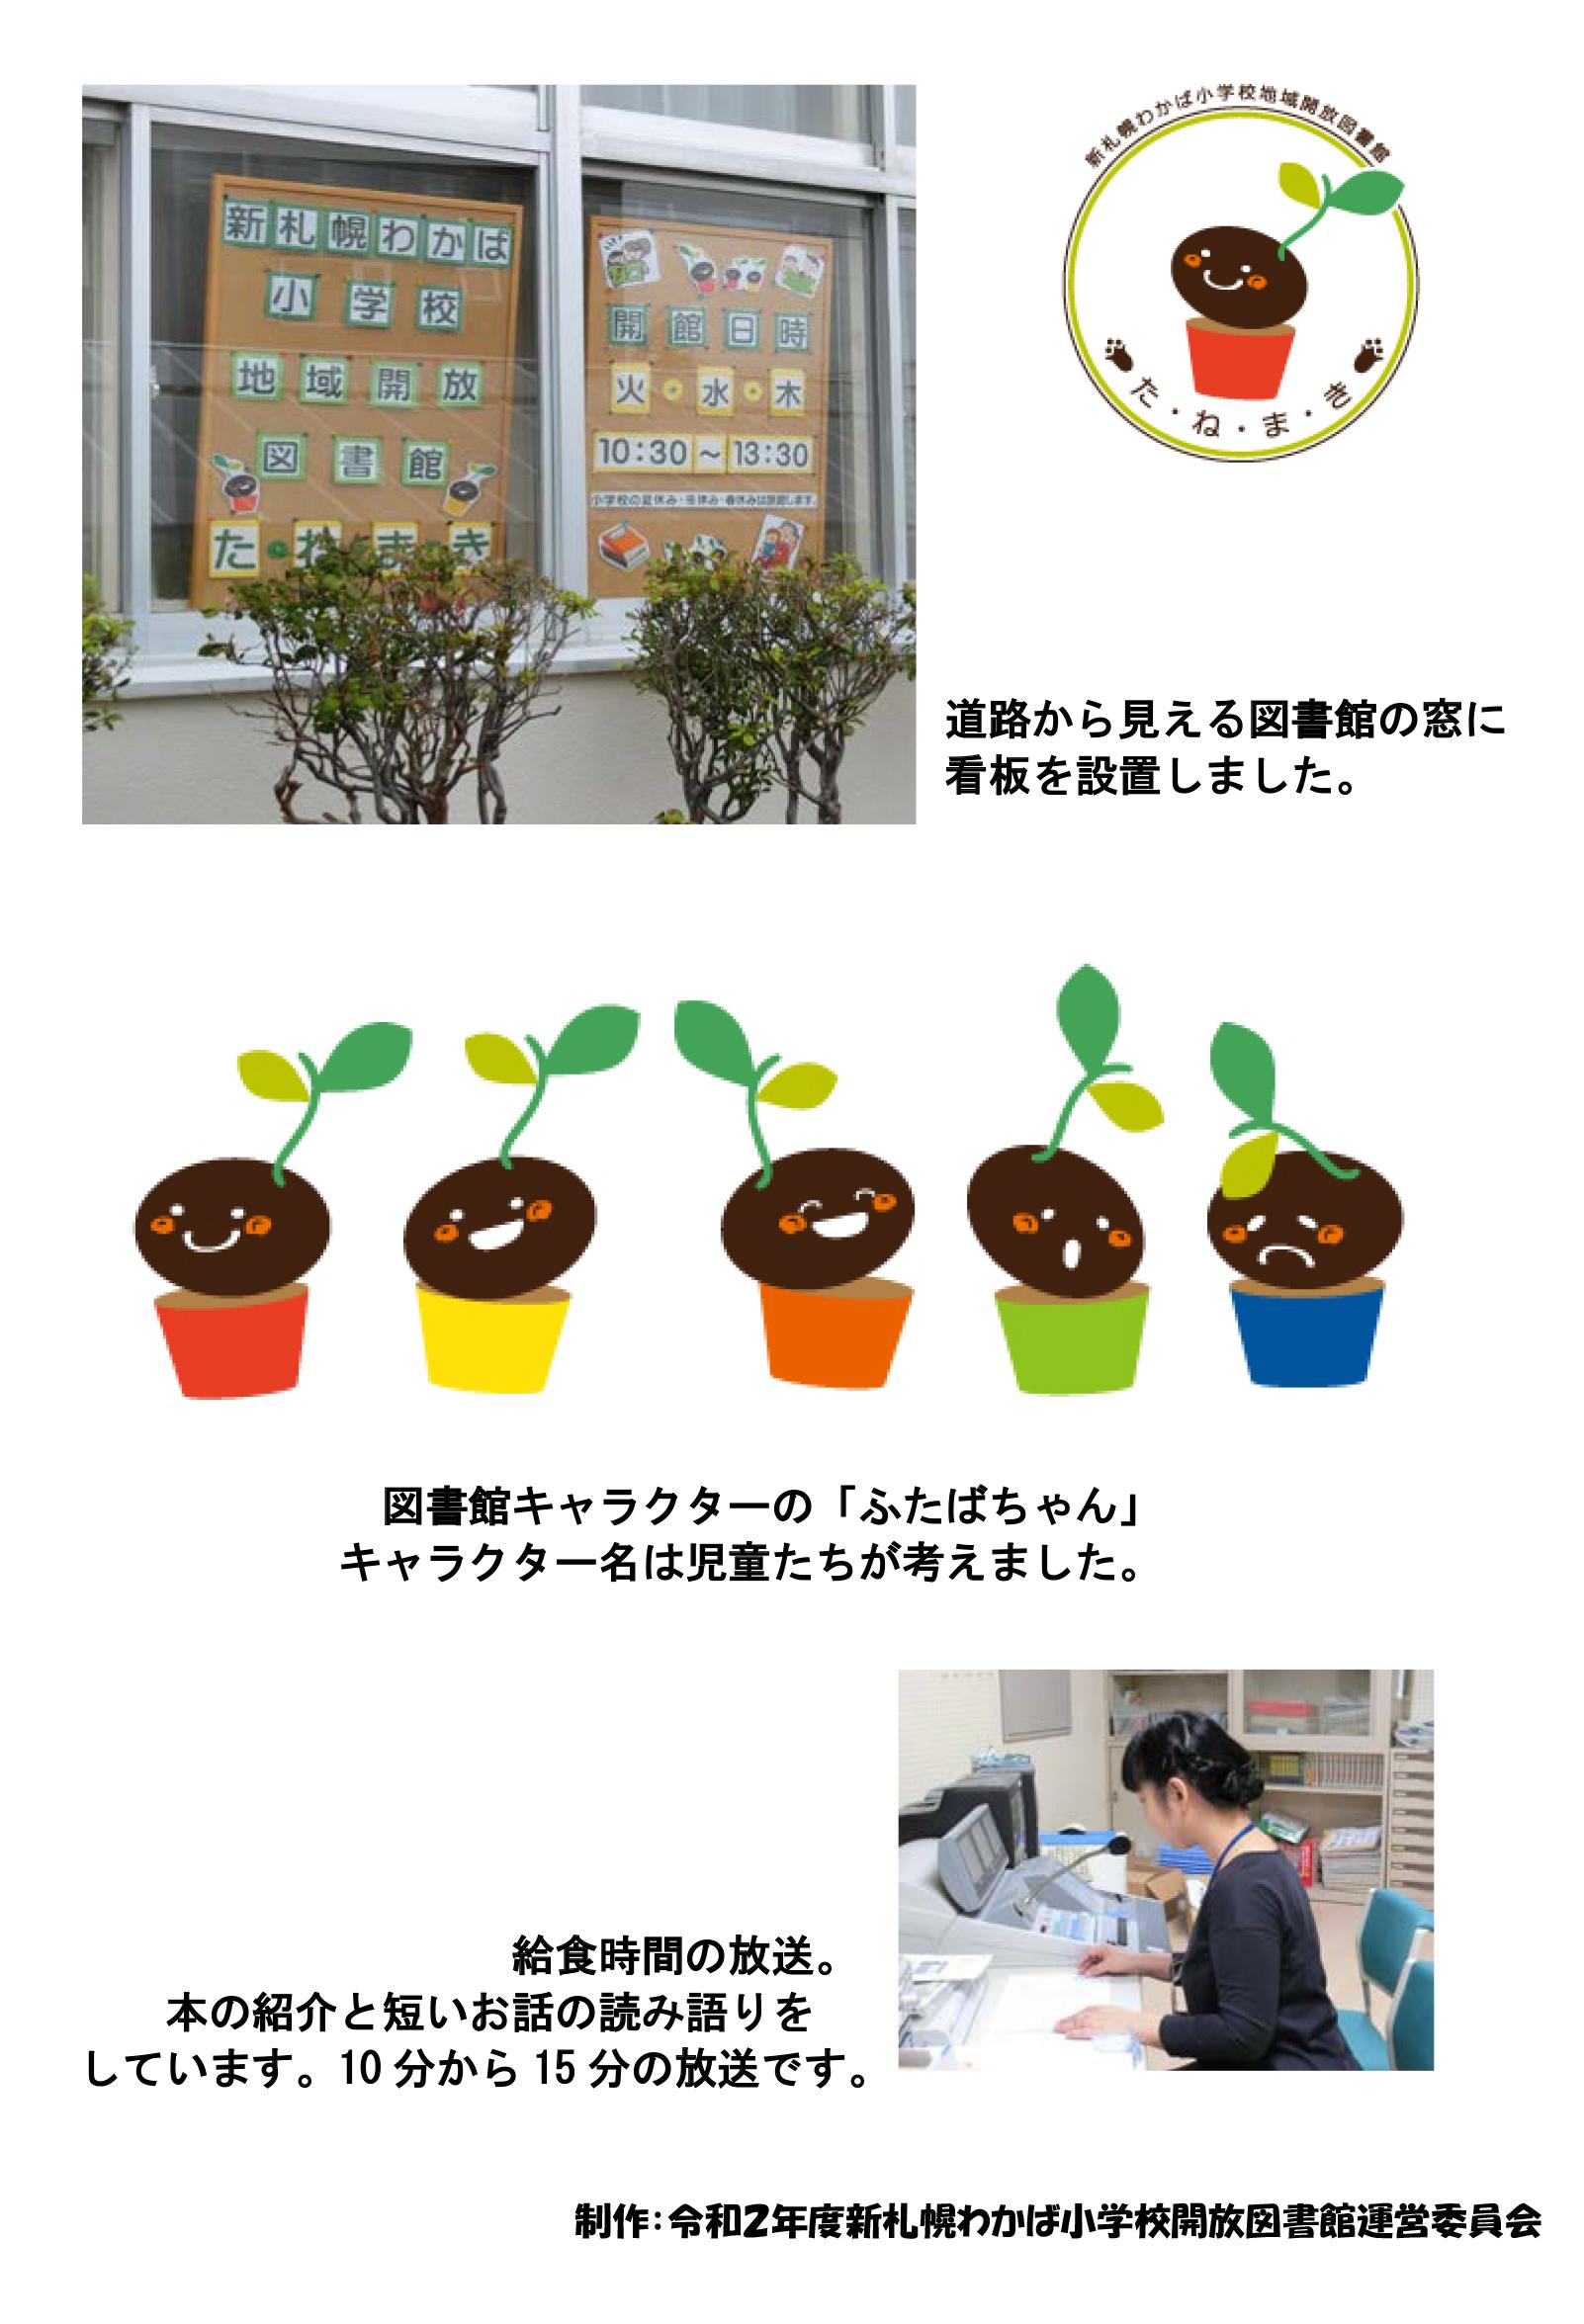 新札幌わかば小学校 た・ね・ま・き